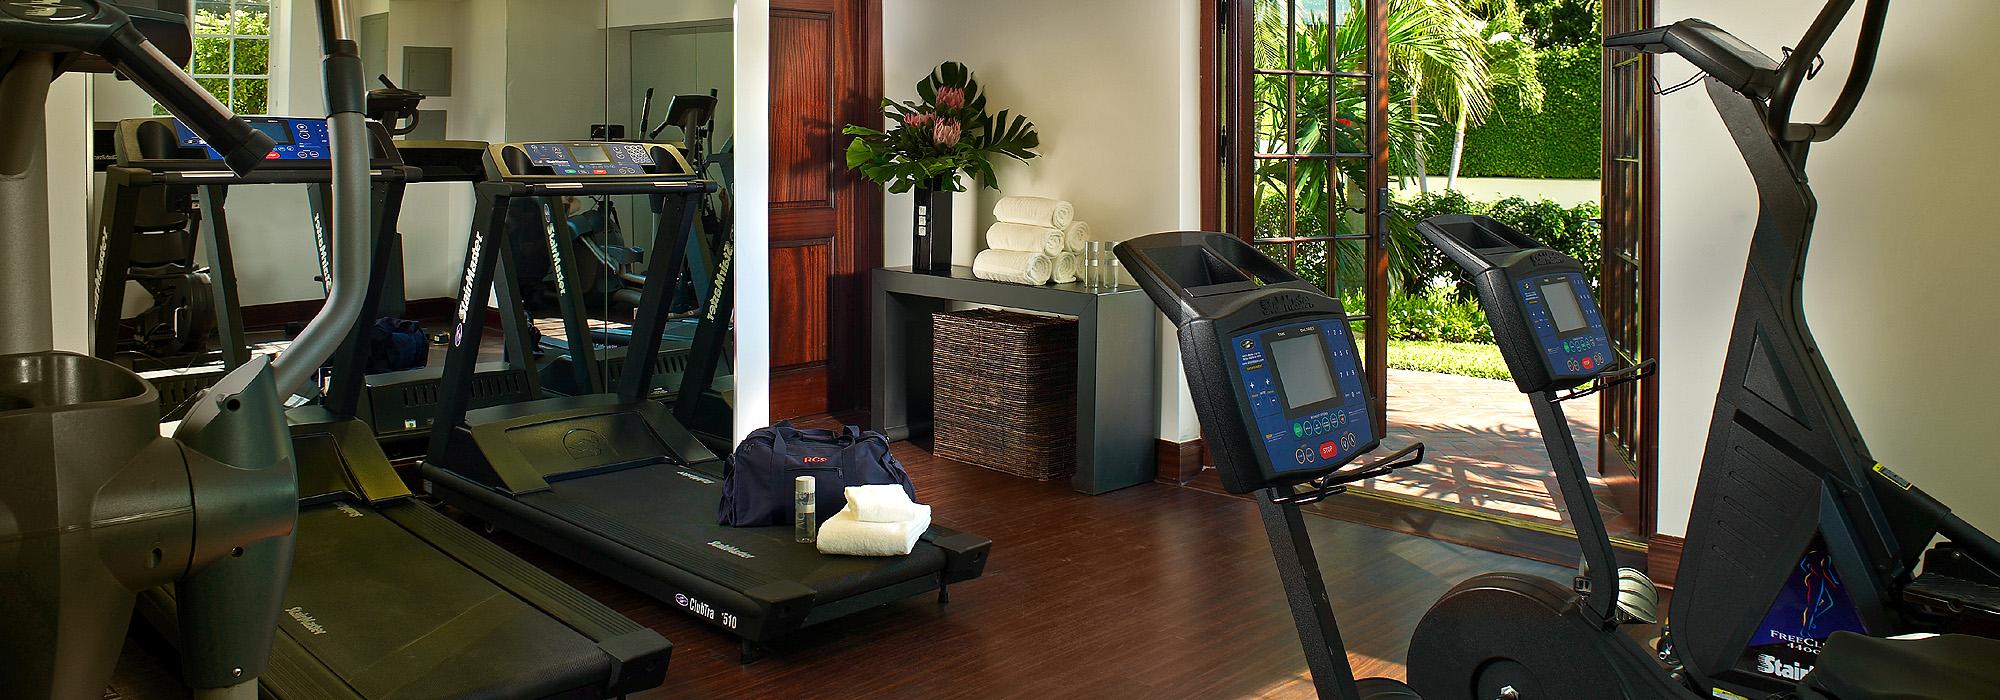 Brazillion Gym 2000x700x10